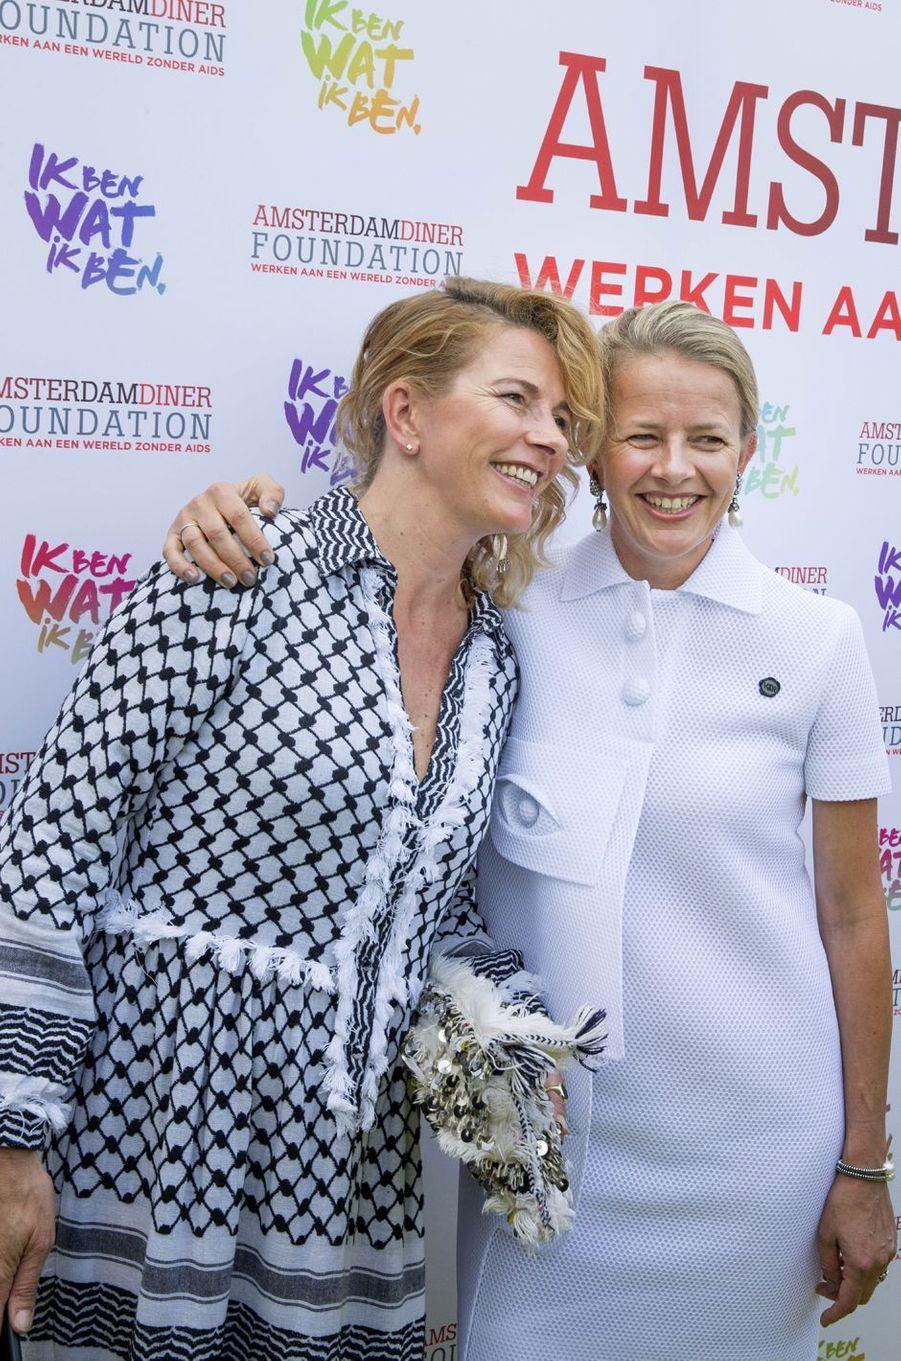 La princesse Mabel des Pays-Bas avec sa soeur Nicoline Wisse Smit à Amsterdam, le 4 juin 2016